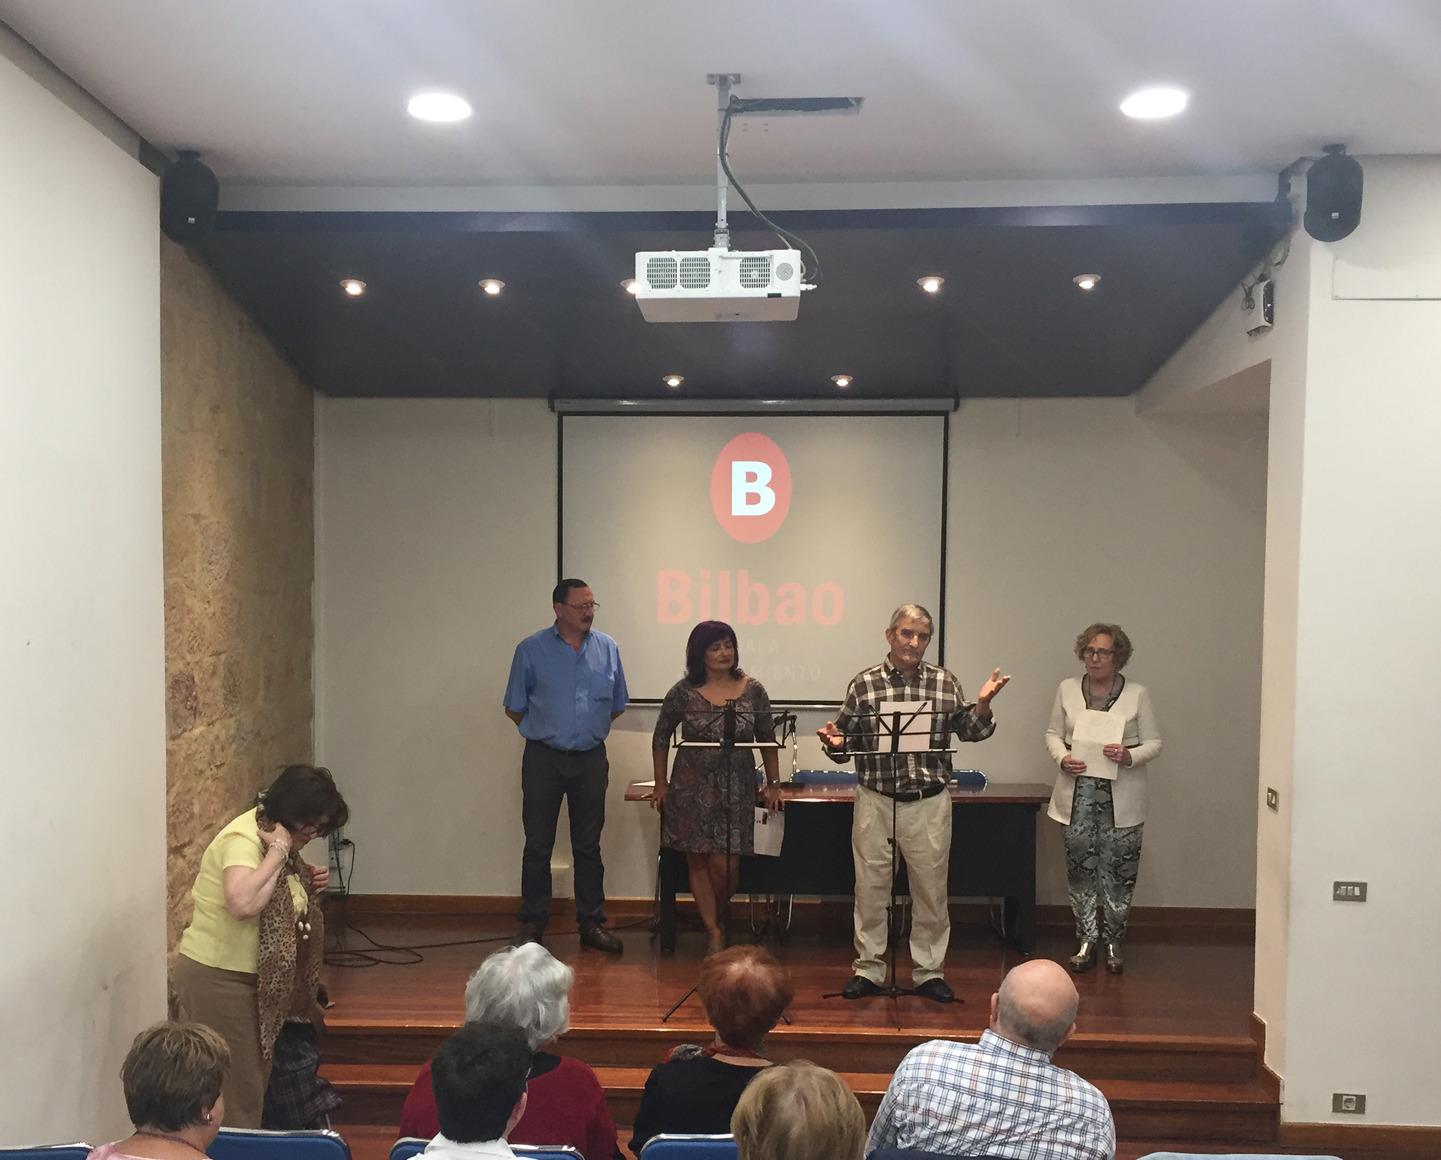 El Ayuntamiento de Bilbao integra el nuevo videoproyector LED Hitachi en su Salón de Actos